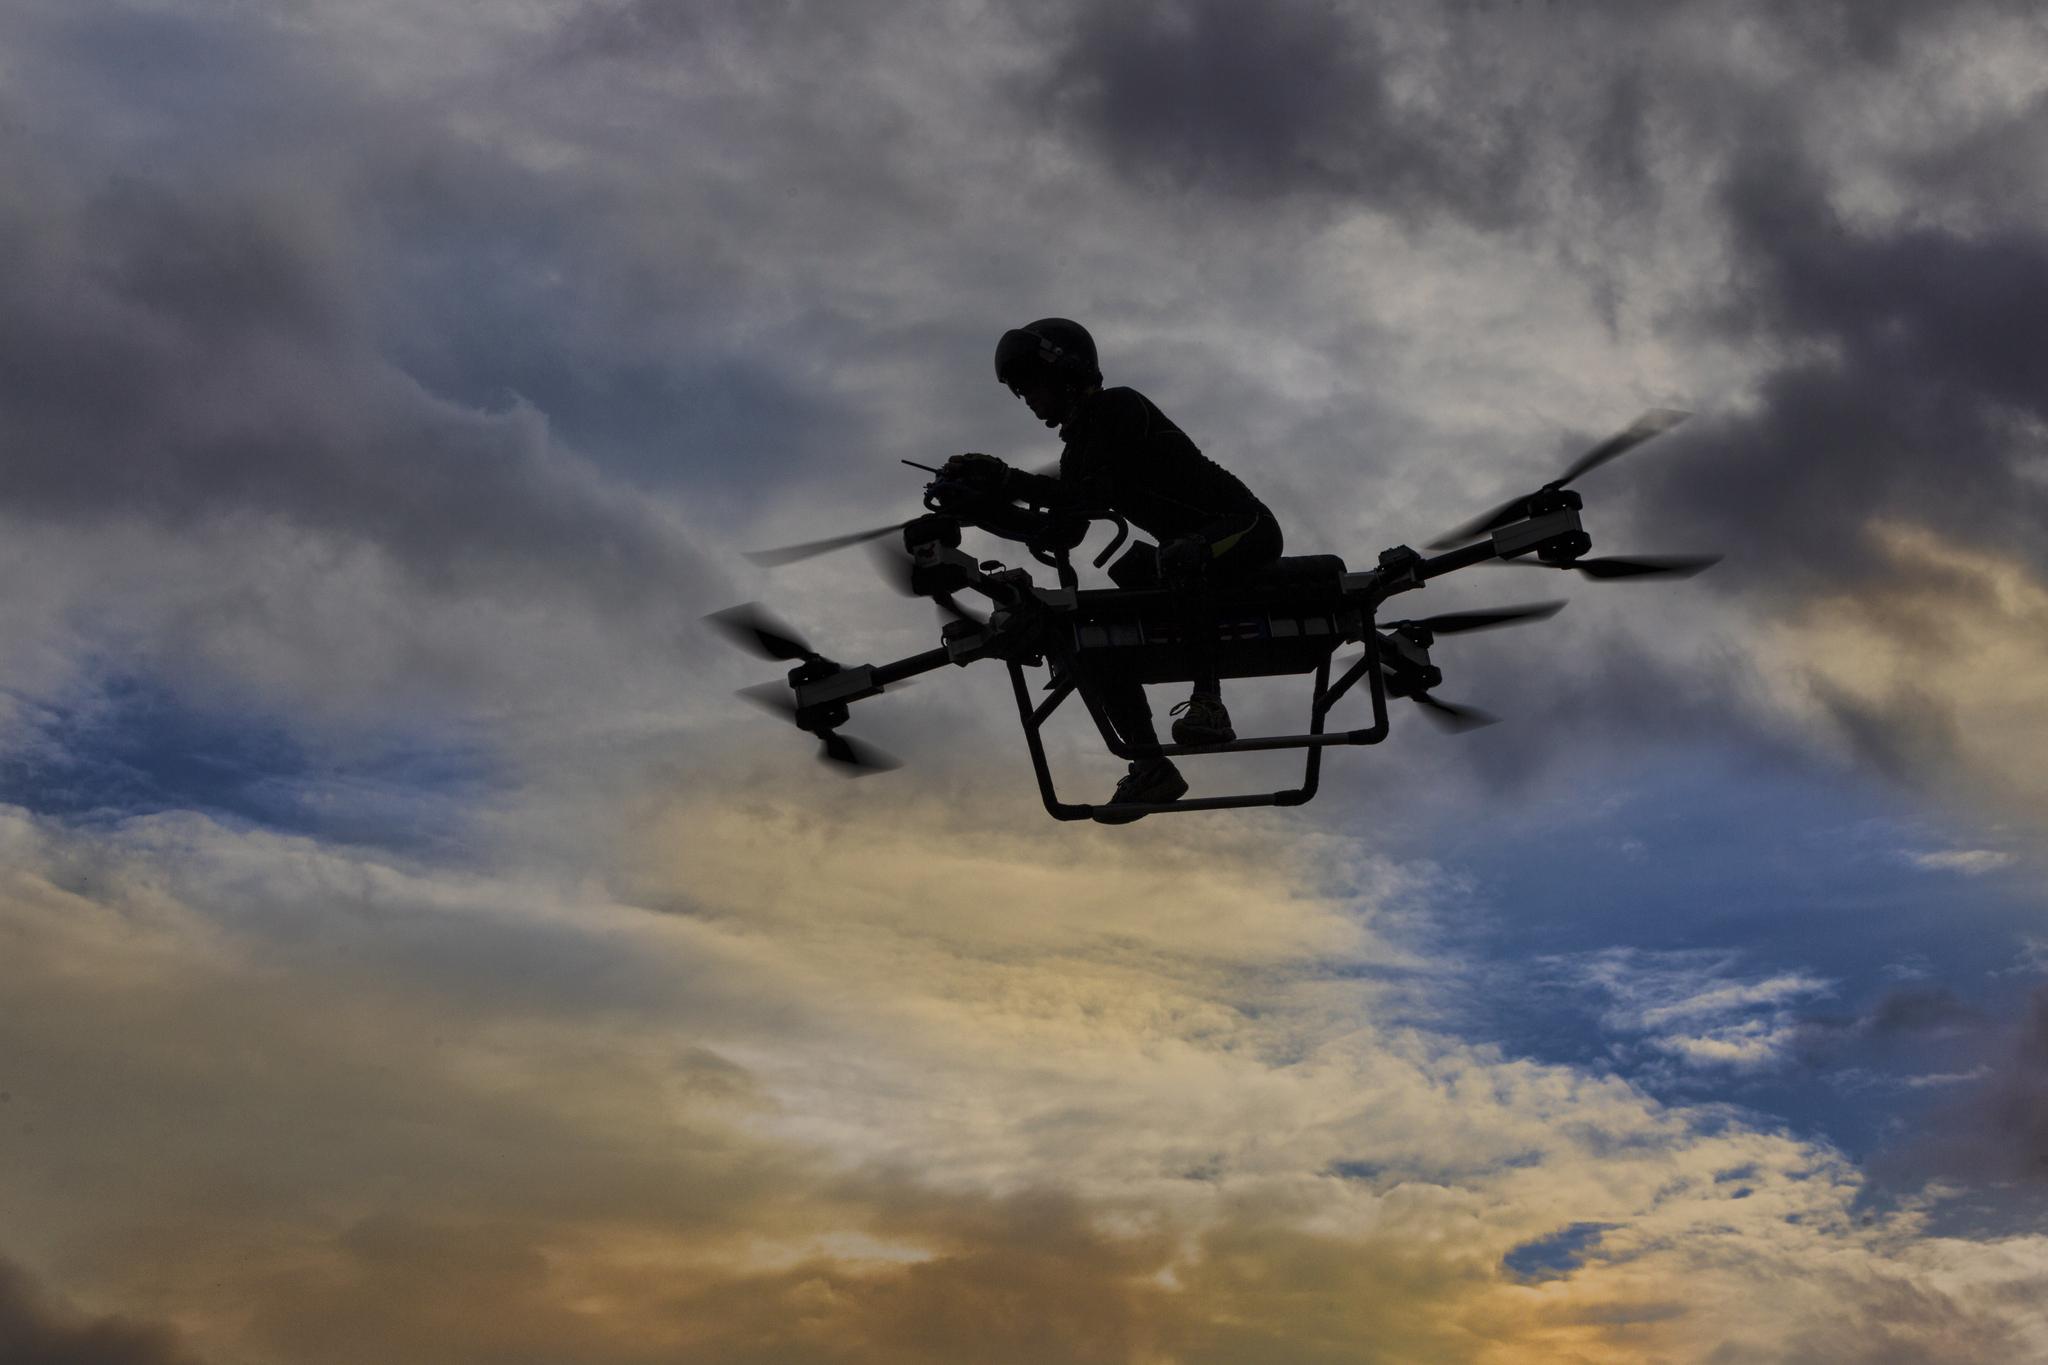 쟈오 델리가 12일 중국 둥관시에서 자신이 만든 '플라잉 스쿠터 flying scooter'를 타고 비행하고 있다.[EPA=연합뉴스]